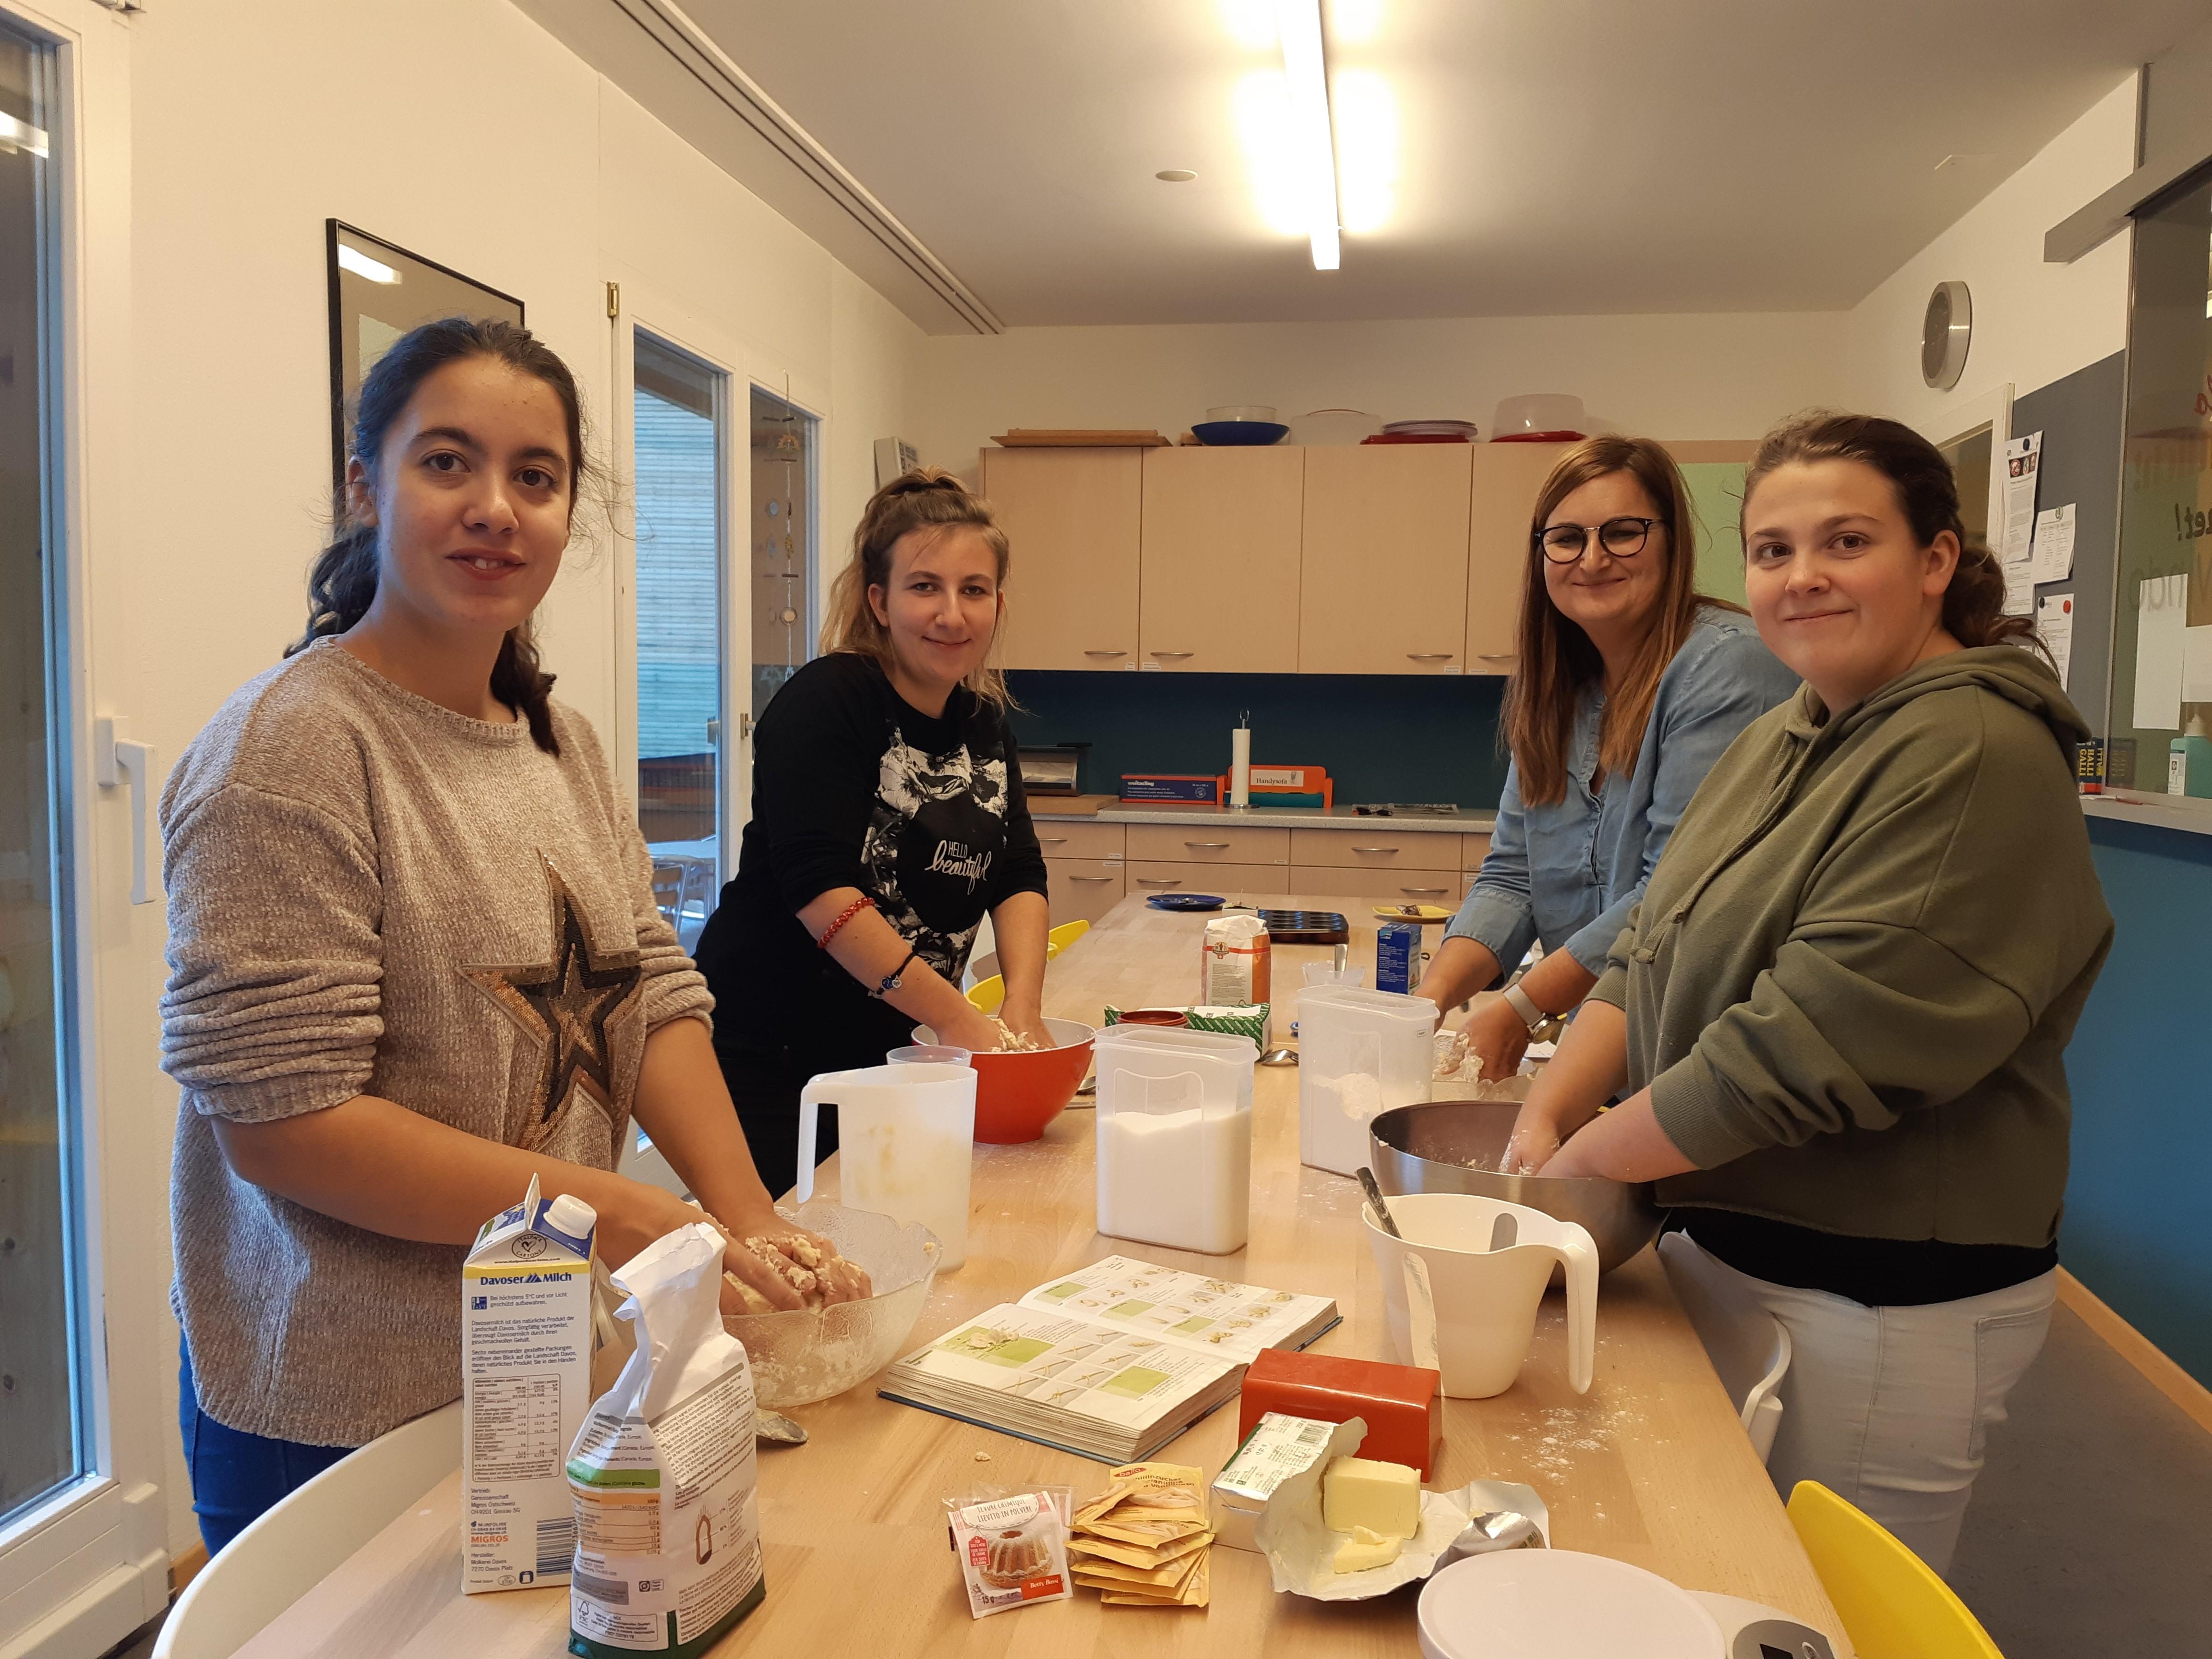 Herbstblockwoche In Luzern: 4 Junge Frauen Bei Der Zubereitung Von Speisen In Der Küche